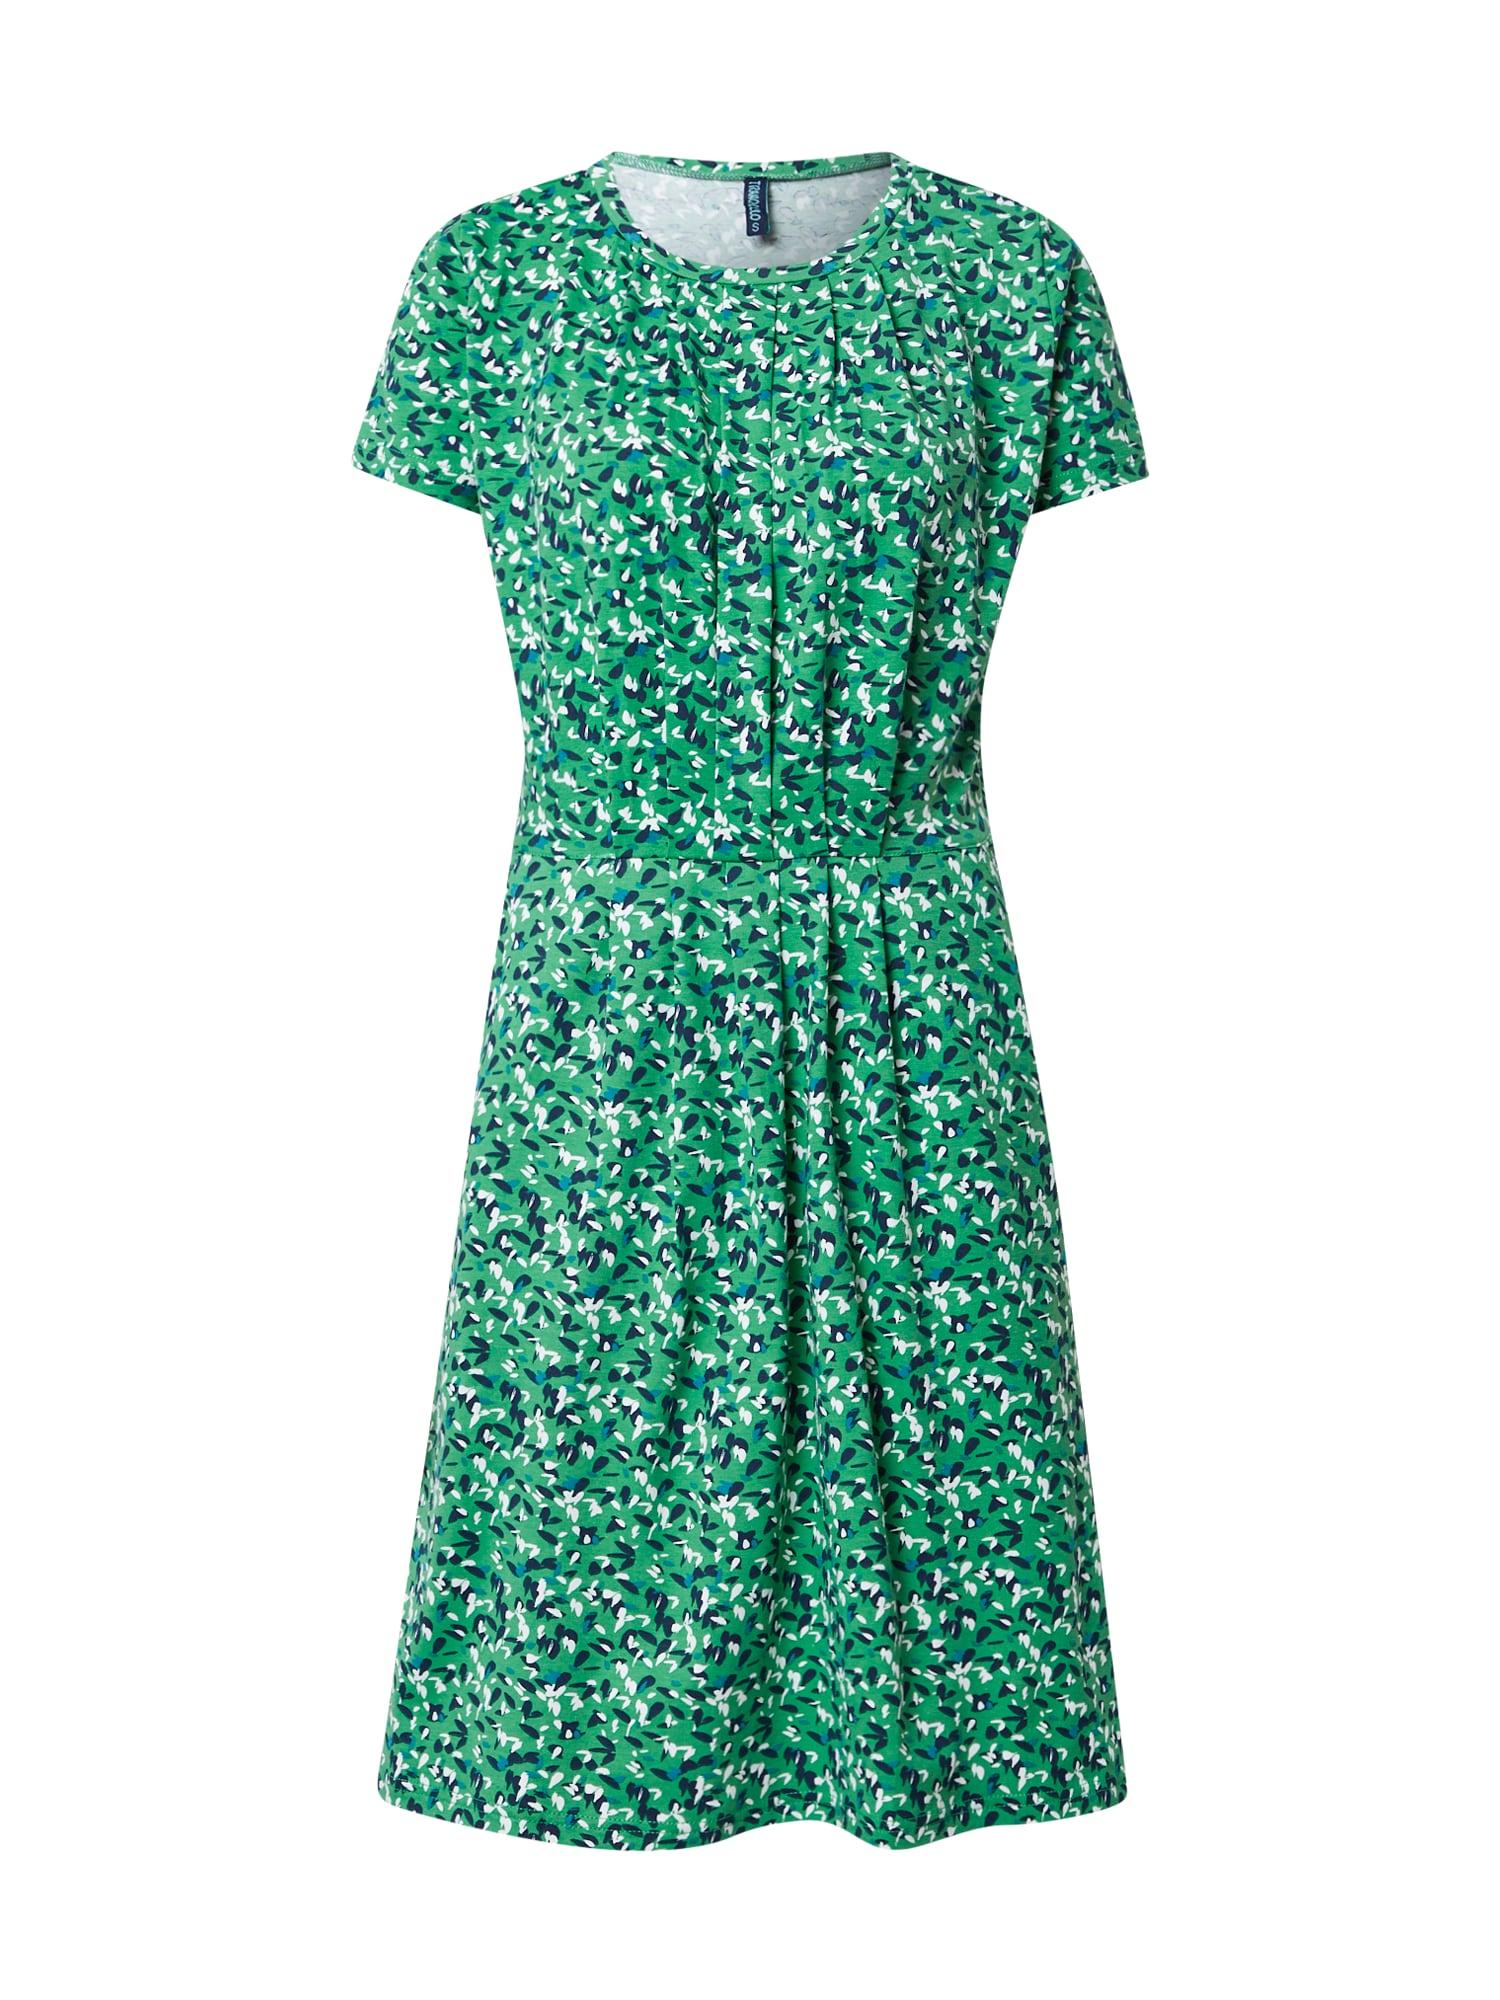 Tranquillo Suknelė dangaus žydra / tamsiai mėlyna / balta / šviesiai žalia